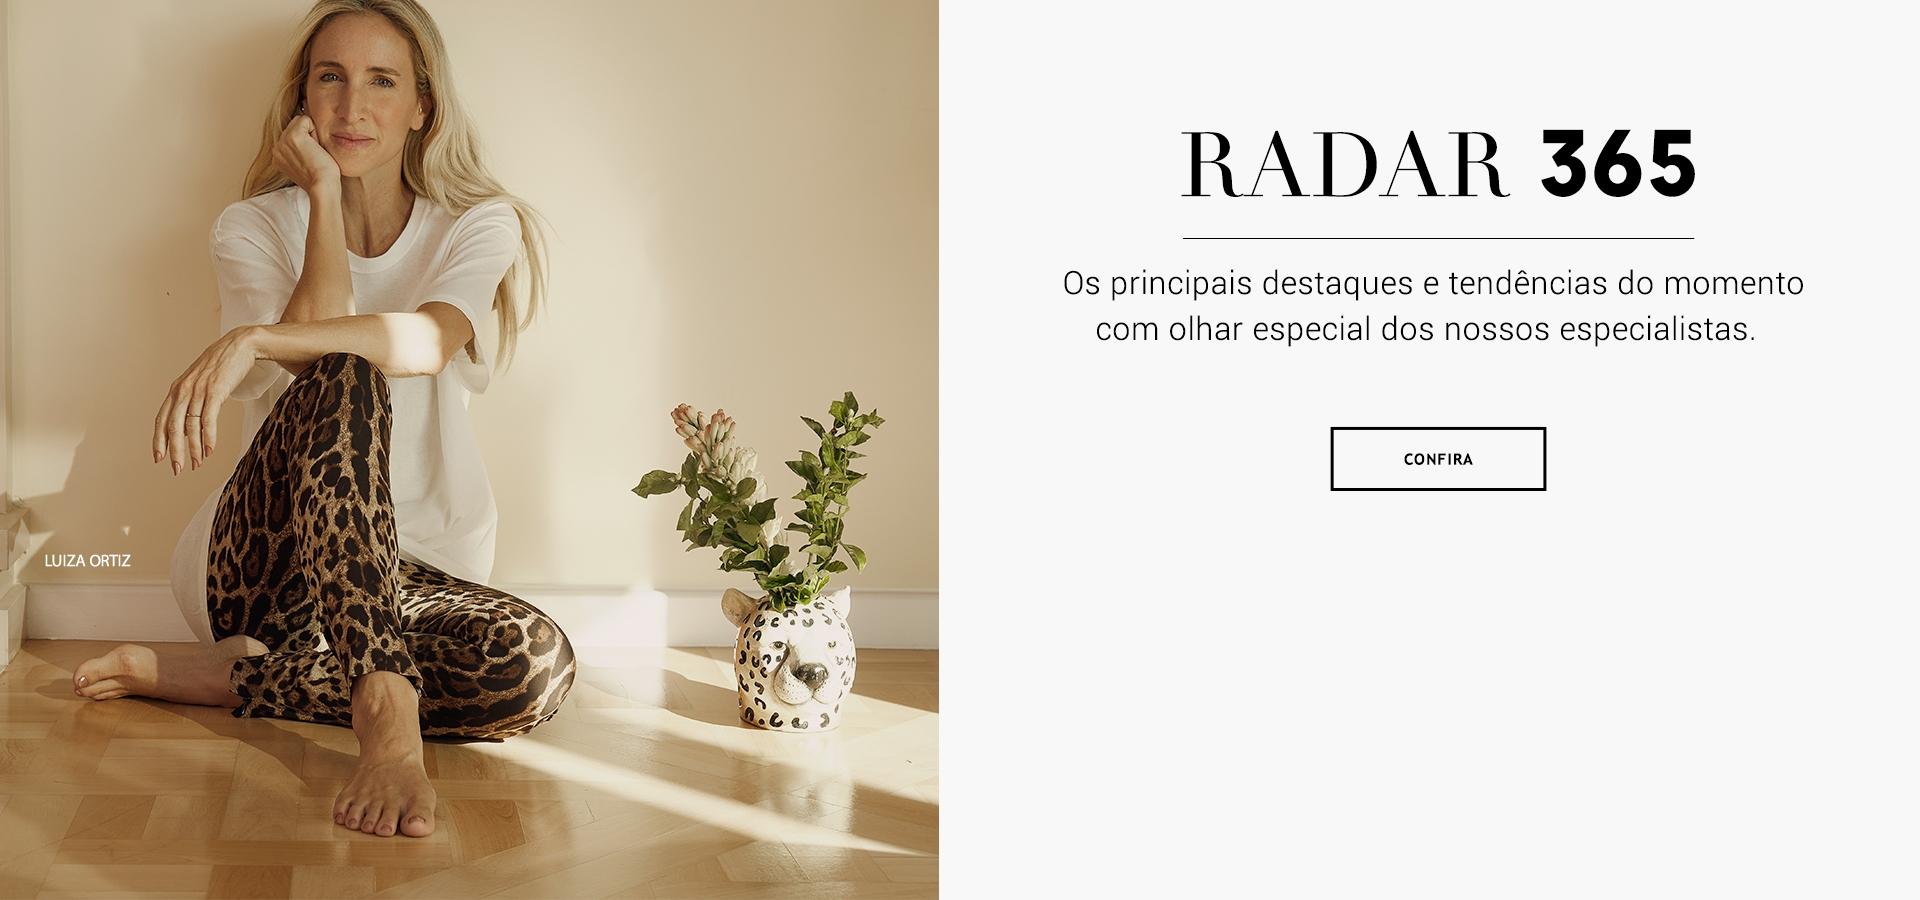 Radar Iguatemi 365